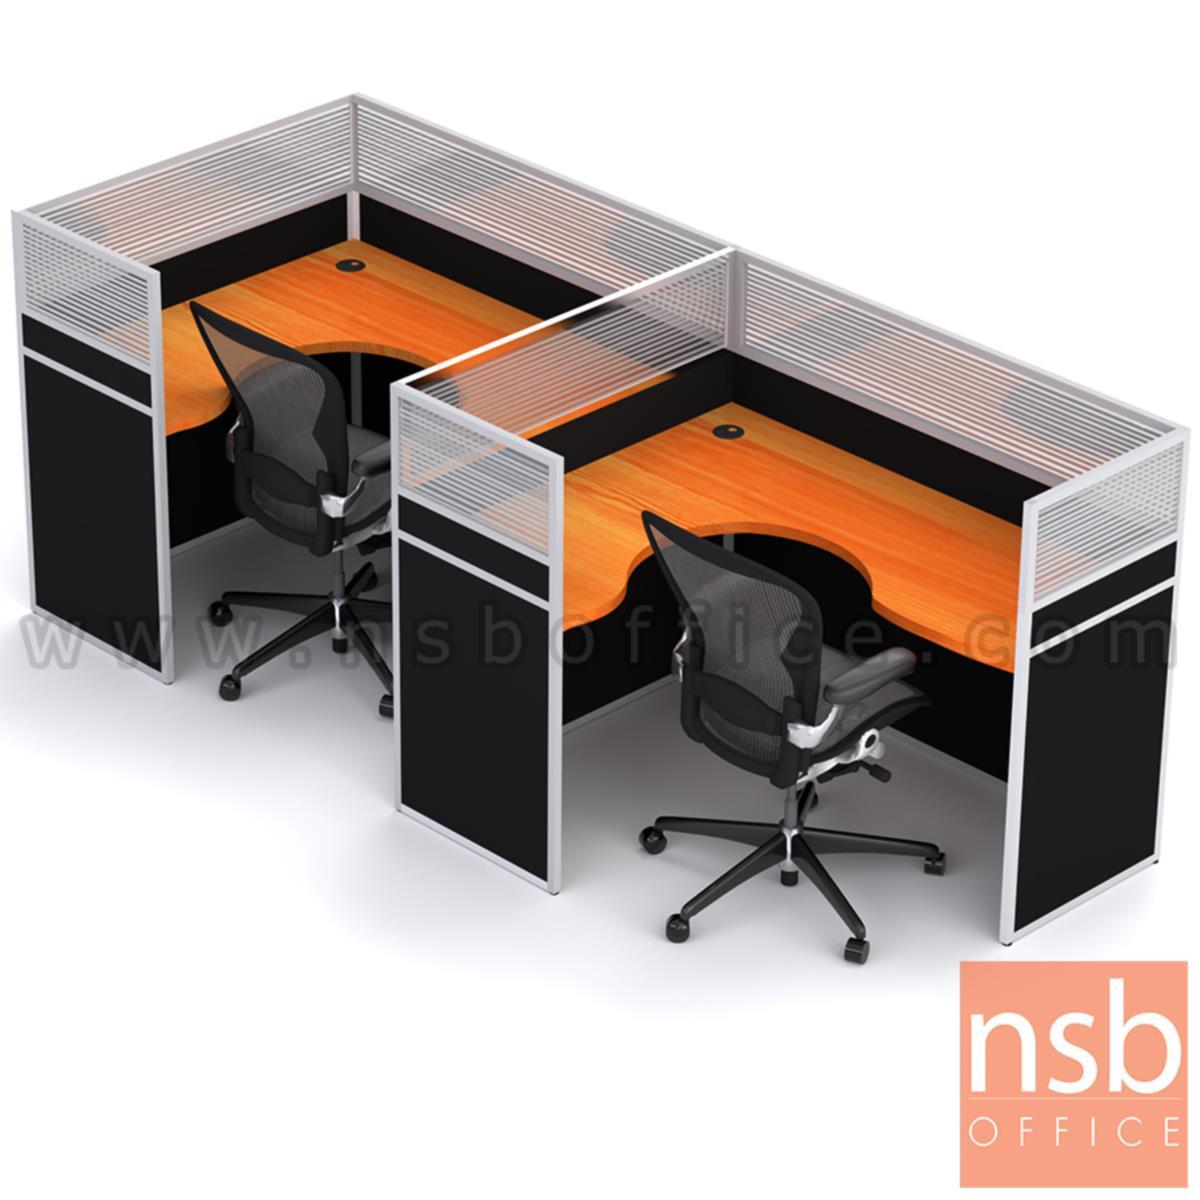 A04A105:ชุดโต๊ะทำงานกลุ่มตัวแอล  2 ที่นั่ง   ขนาดรวม 306W*124D cm. พร้อมพาร์ทิชั่นครึ่งกระจกขัดลาย